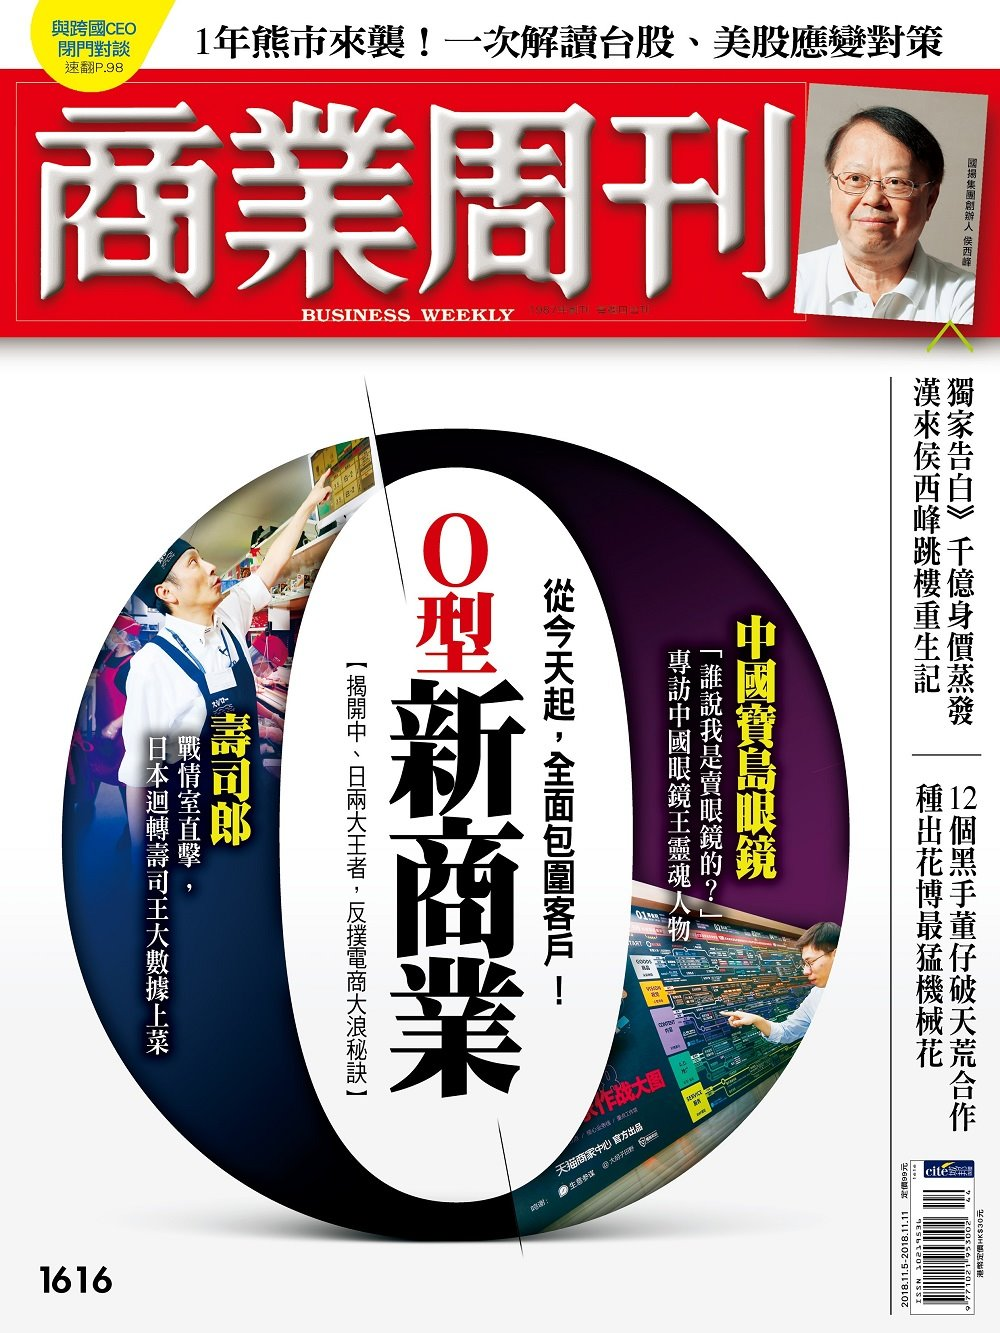 商業周刊 2018/11/1第1616期